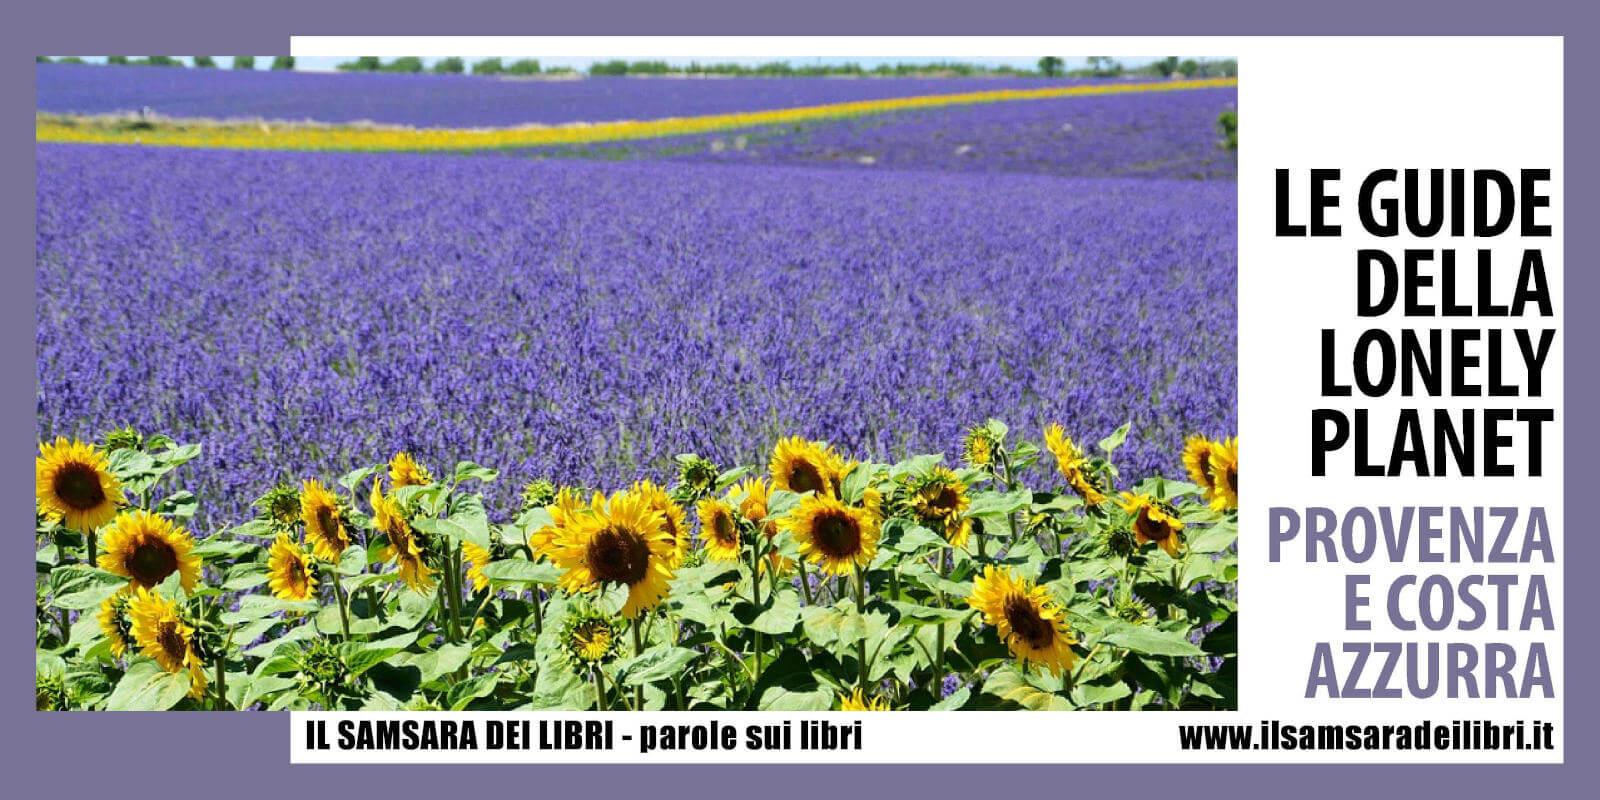 Immagine dellla copertina dedicata alla guida sulla Provenza e Costa Azzurra